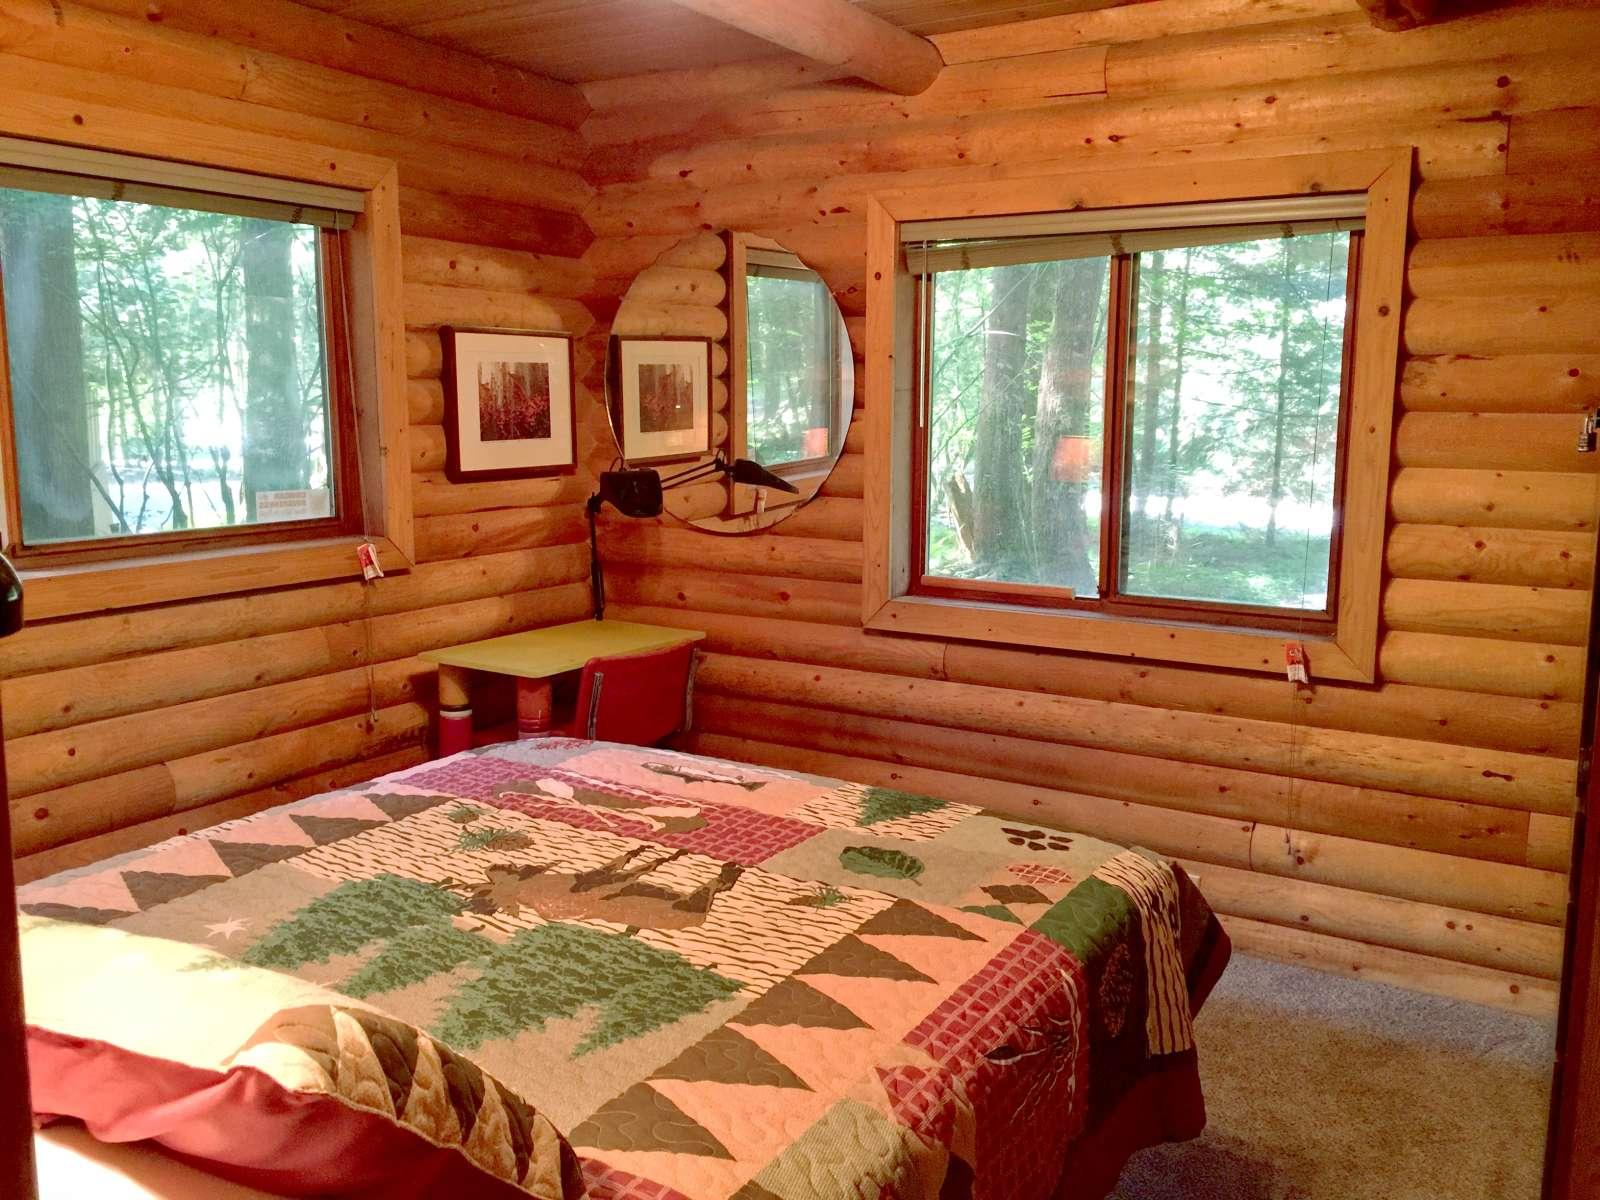 Mt baker lodging cabin 43 mt baker lodging wa 36 for Mount baker cabins